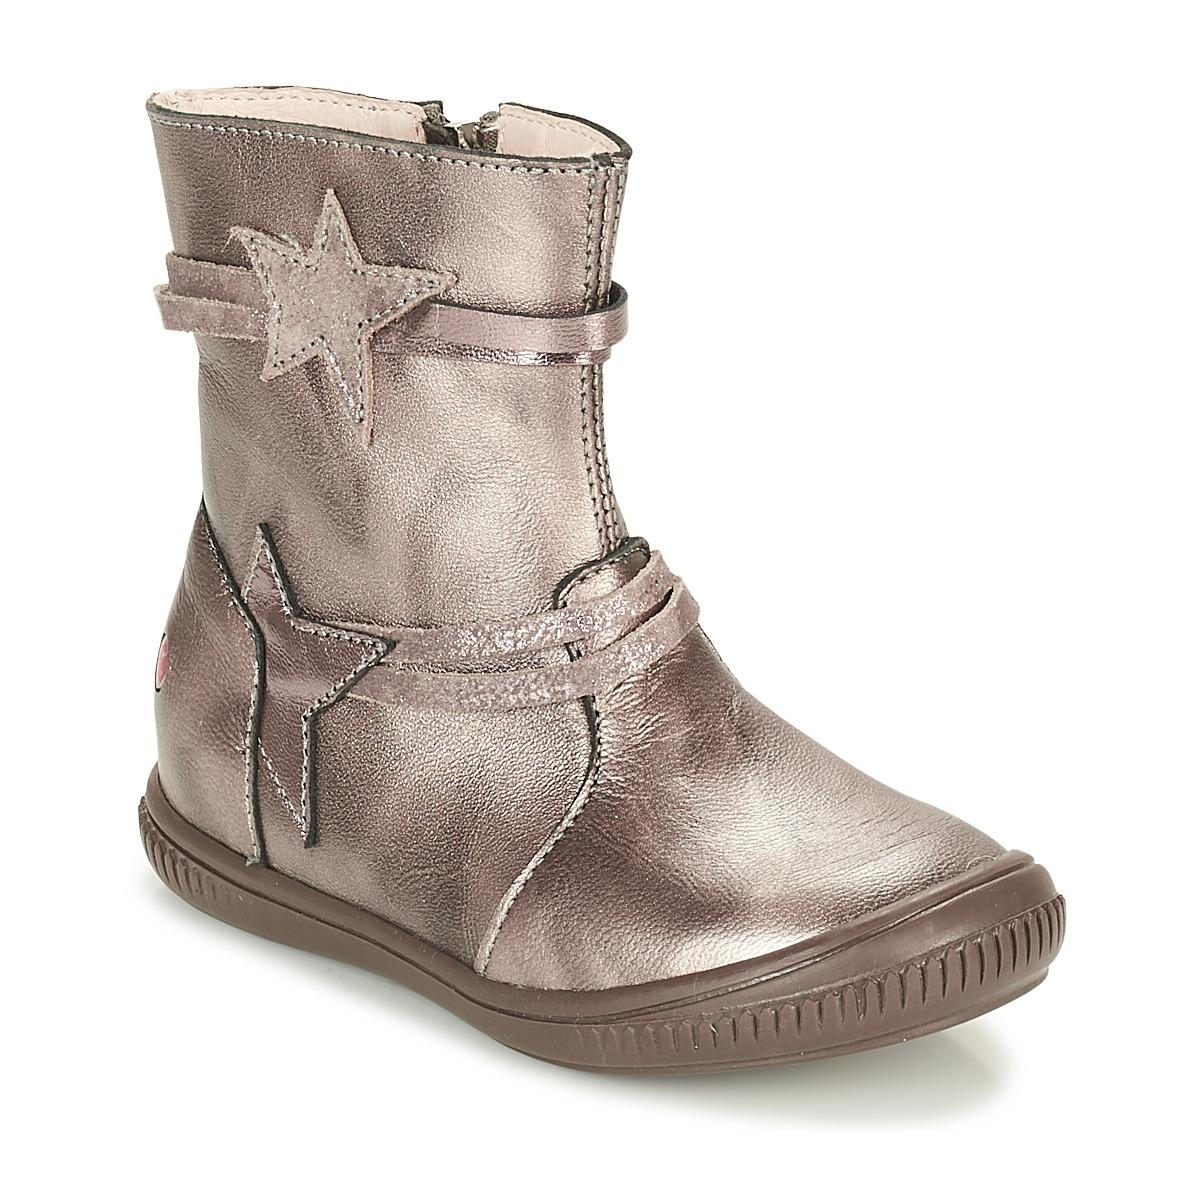 Støvler til børn GBB  NOTTE